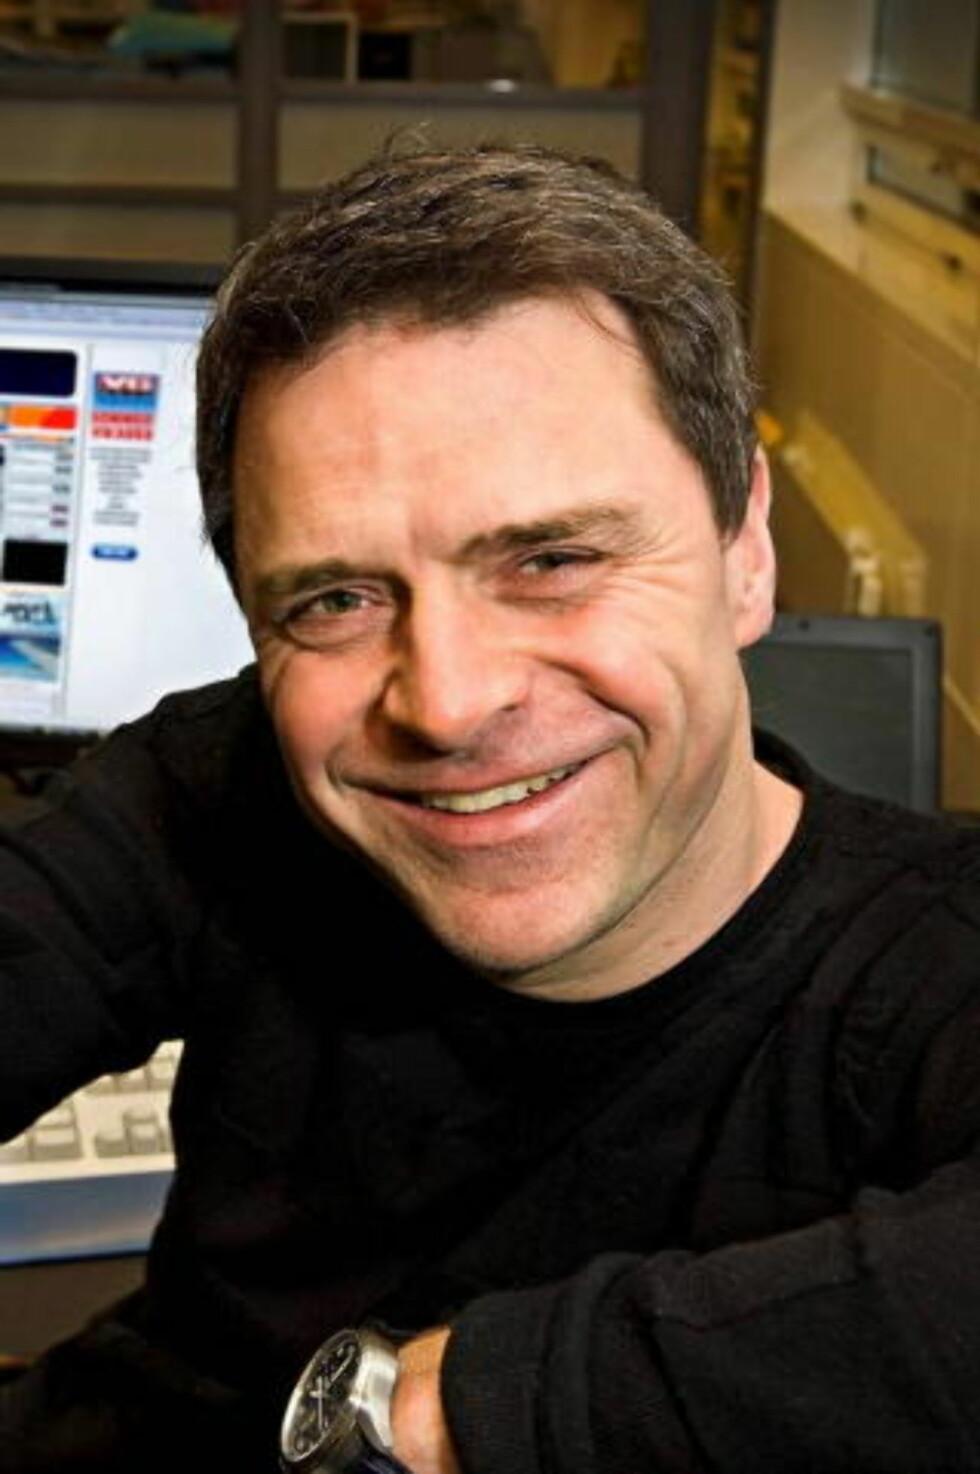 GRATULERER KONKURRENTEN: Espen Egil Hansen, ansvarlig redaktør i VG Nett.